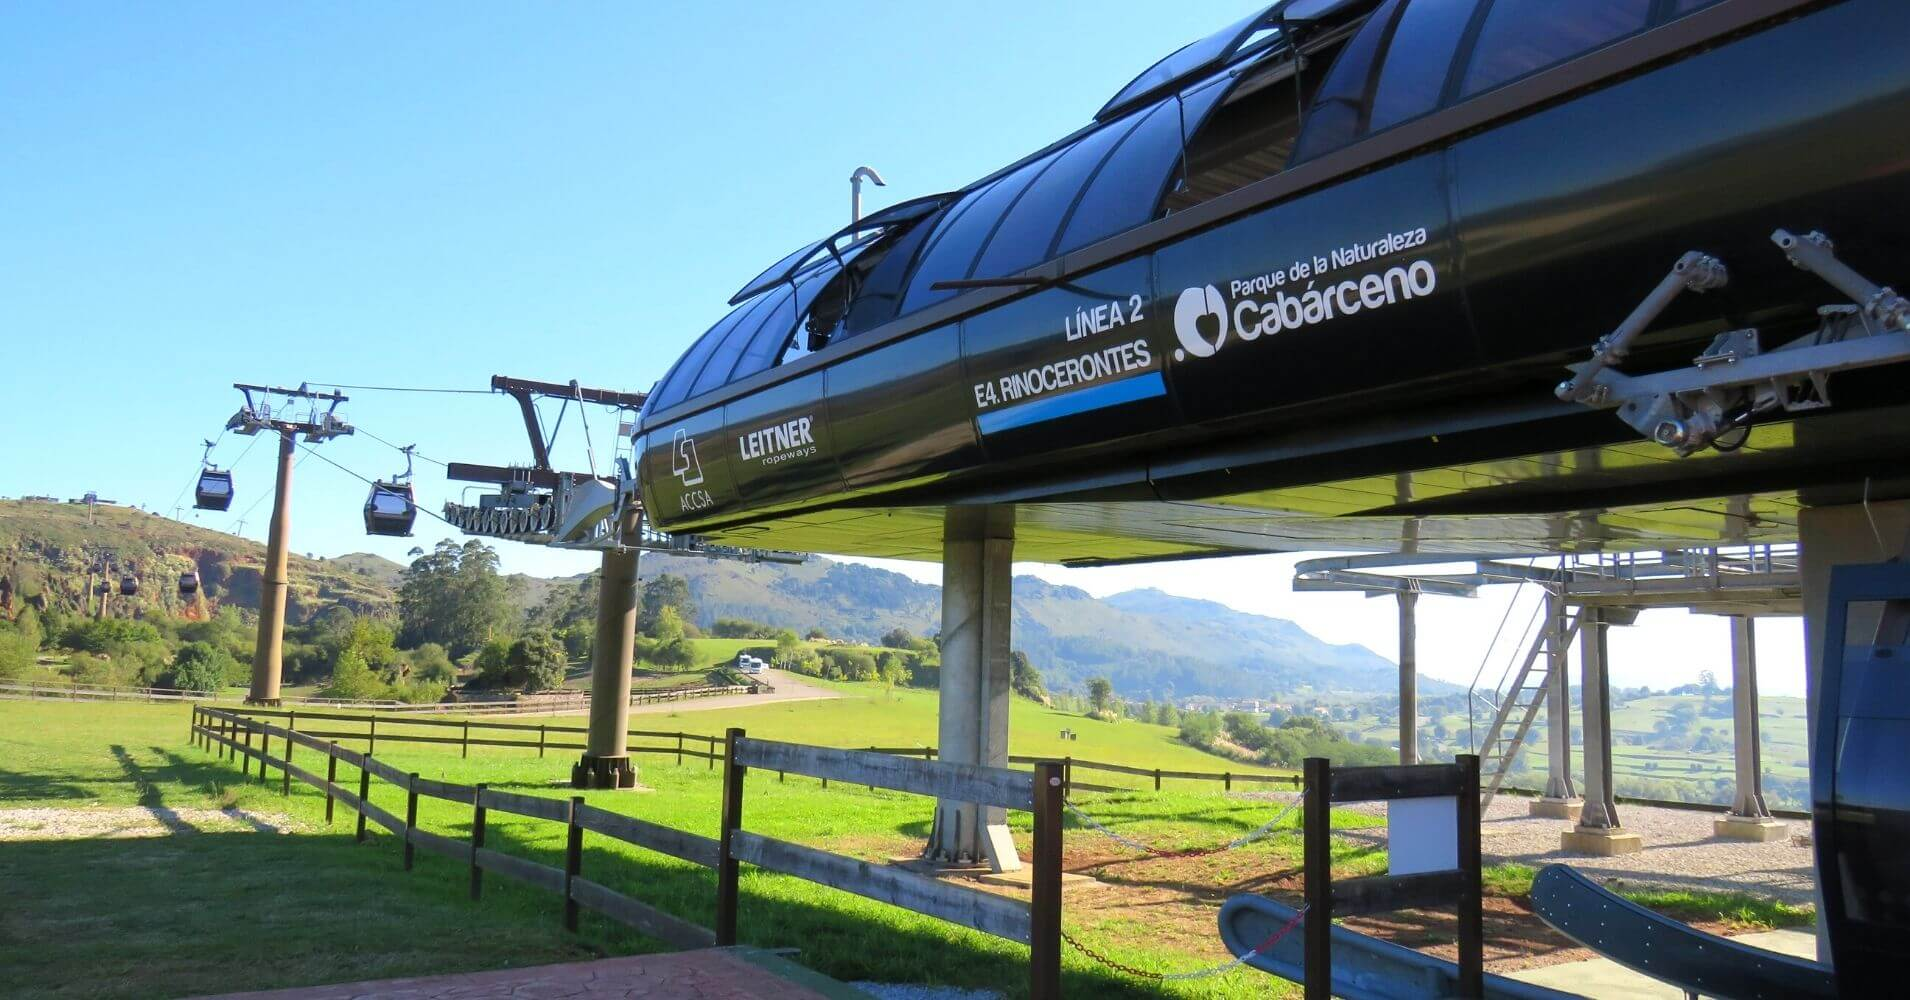 Remonte al Mirador del Parque de la Naturaleza de Cabárceno. Obregón, Cantabria.